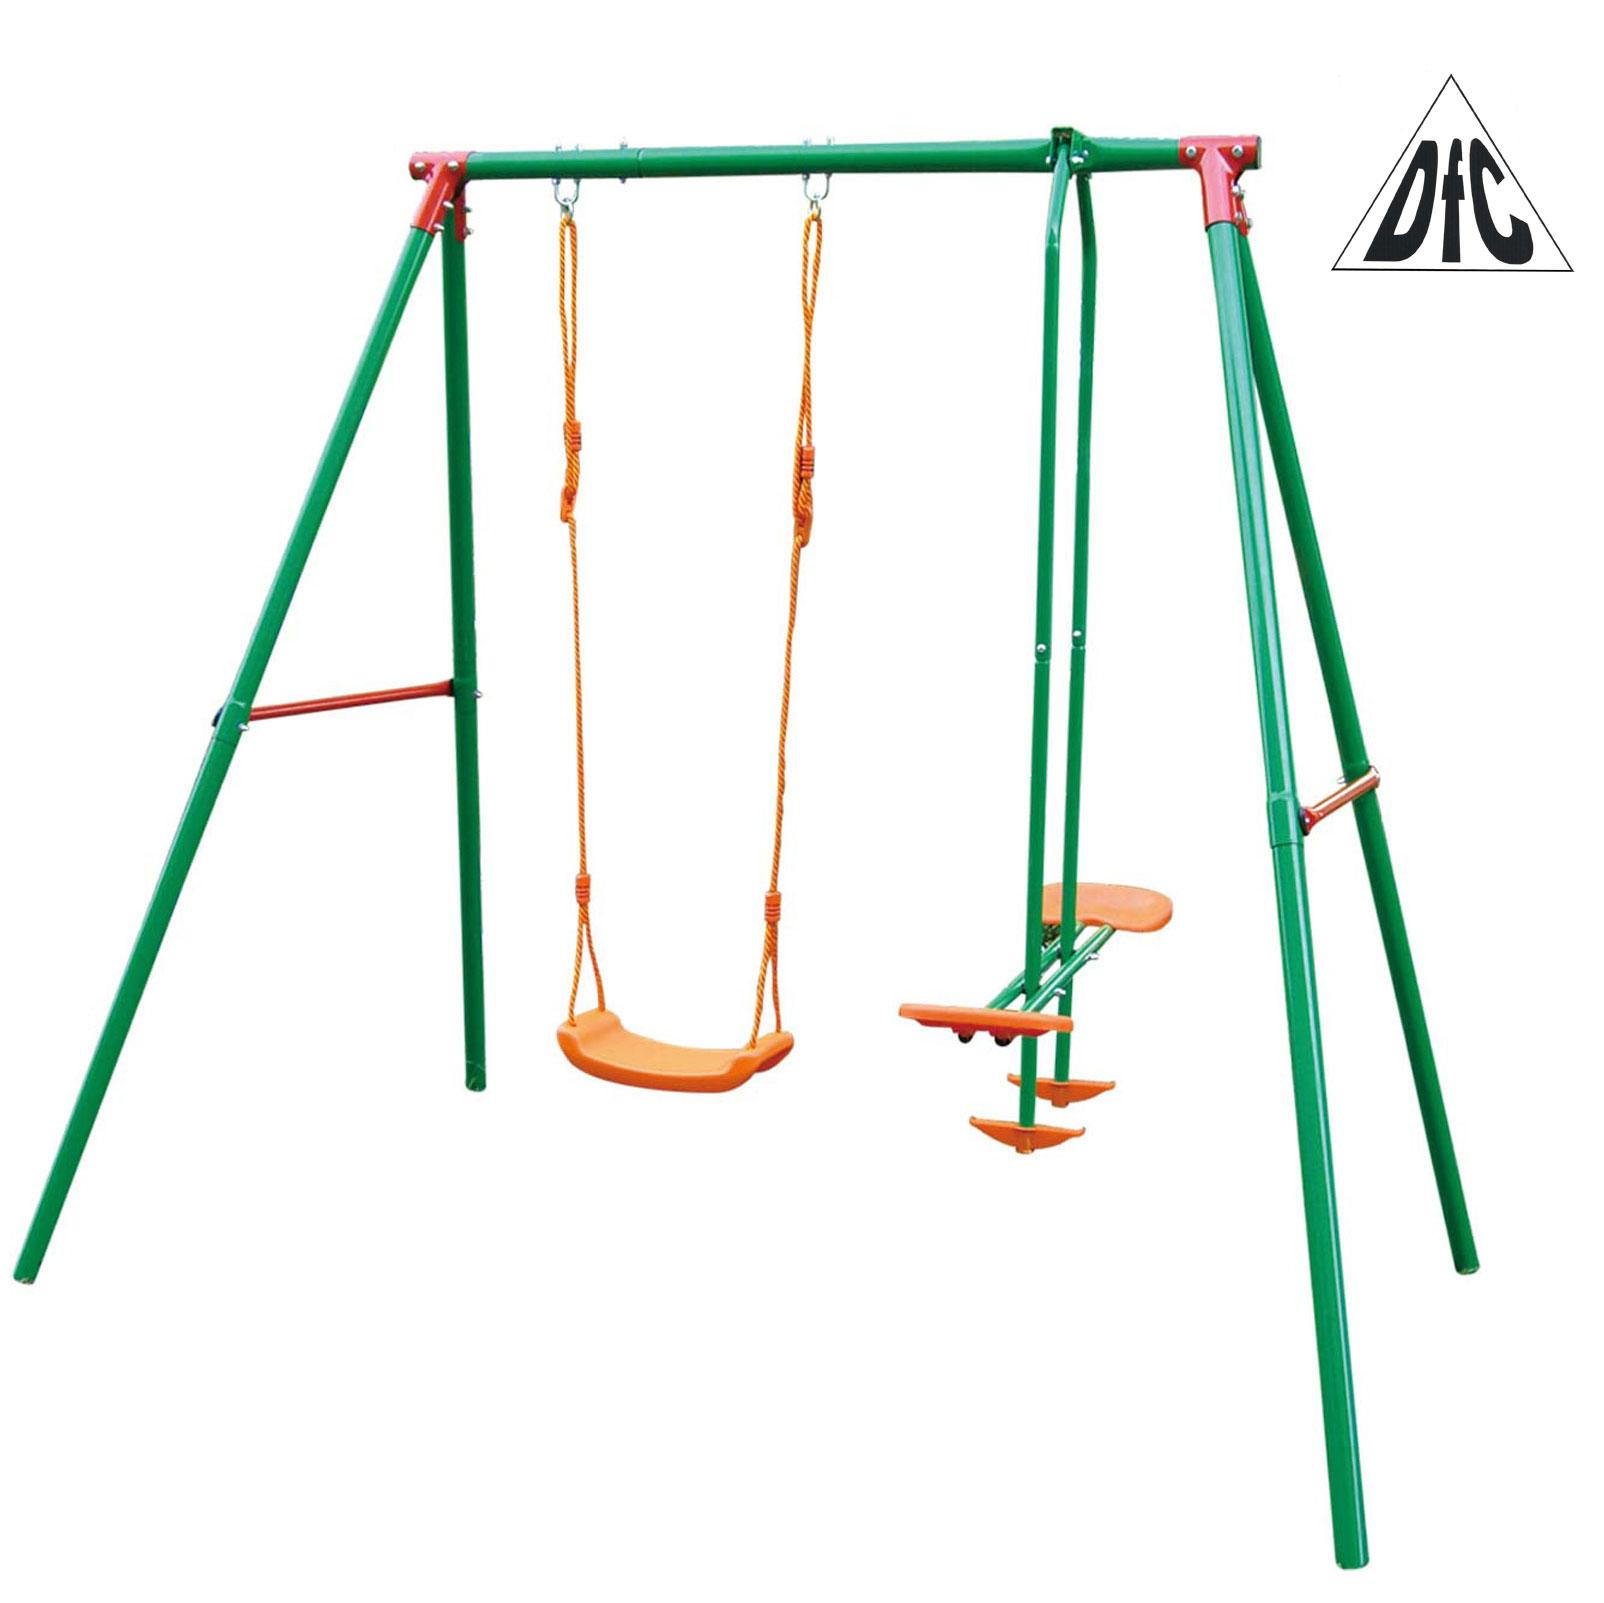 цена на Качели детские подвесные DFC SGN-02 Металл Зеленый